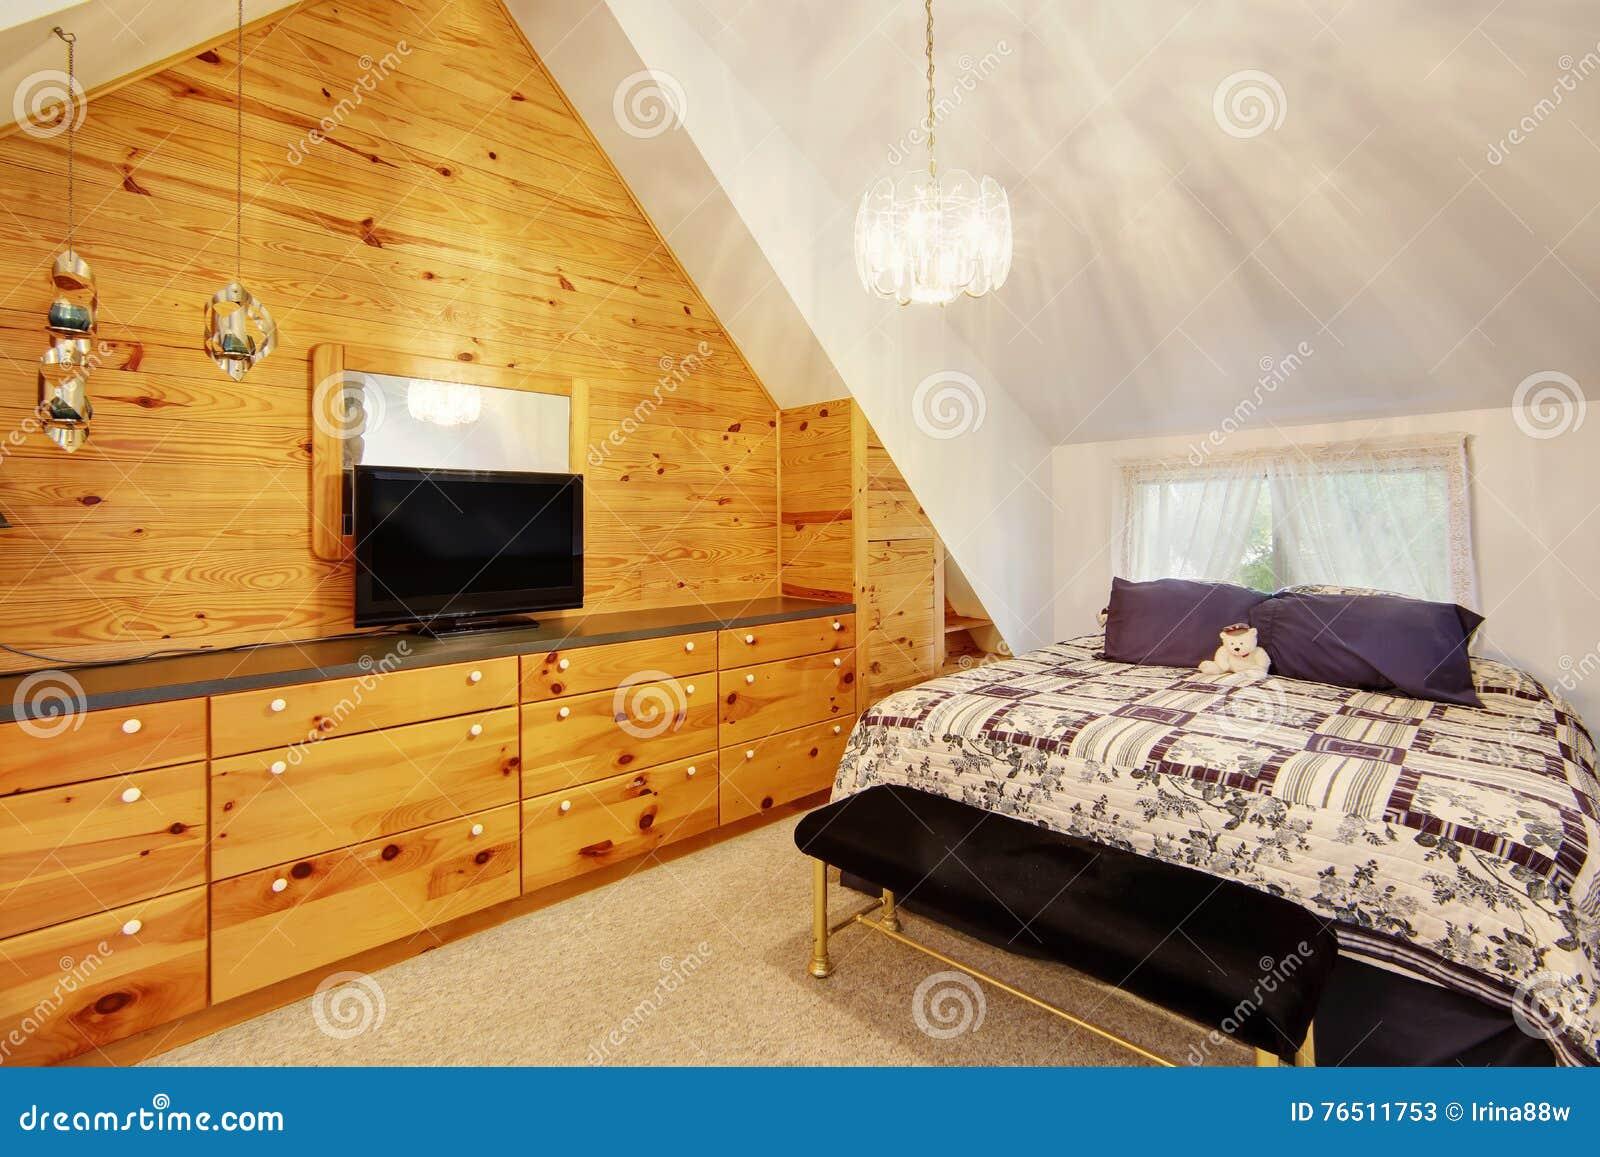 Camera da letto del soffitto arcato con la parete rivestita di legno immagine stock immagine - Foto camera da letto ...